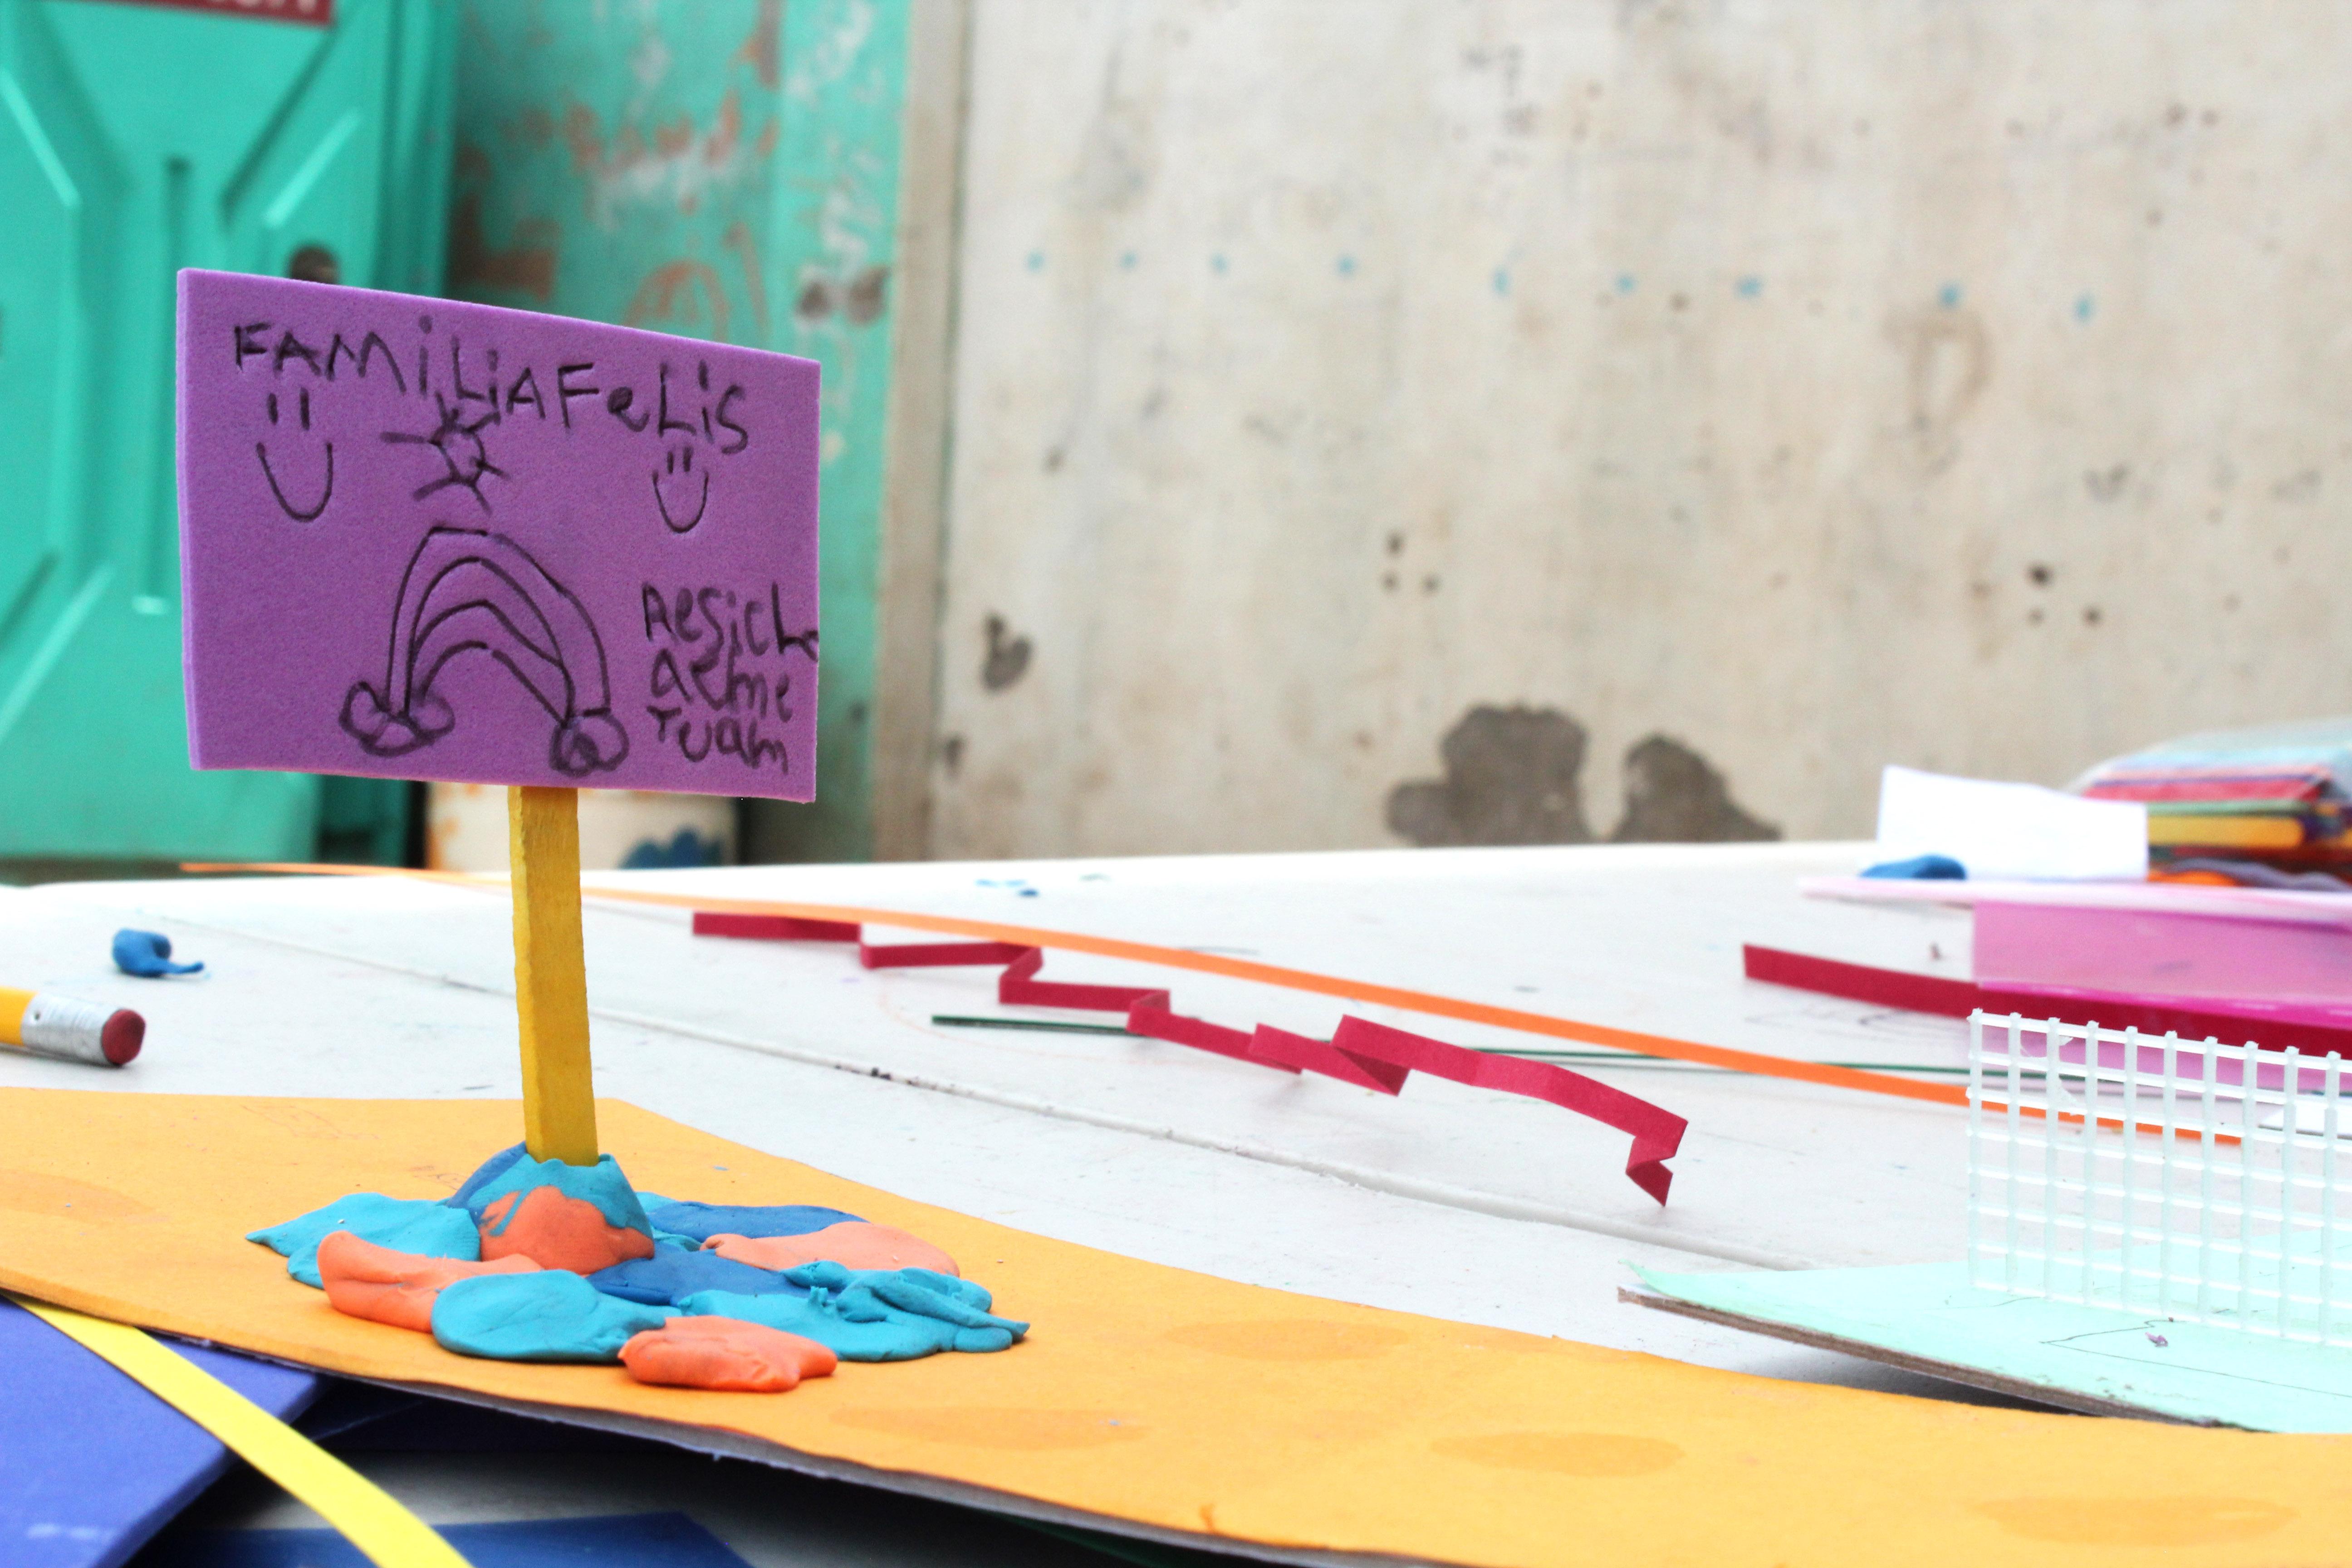 Taller de Artes & Manualidades